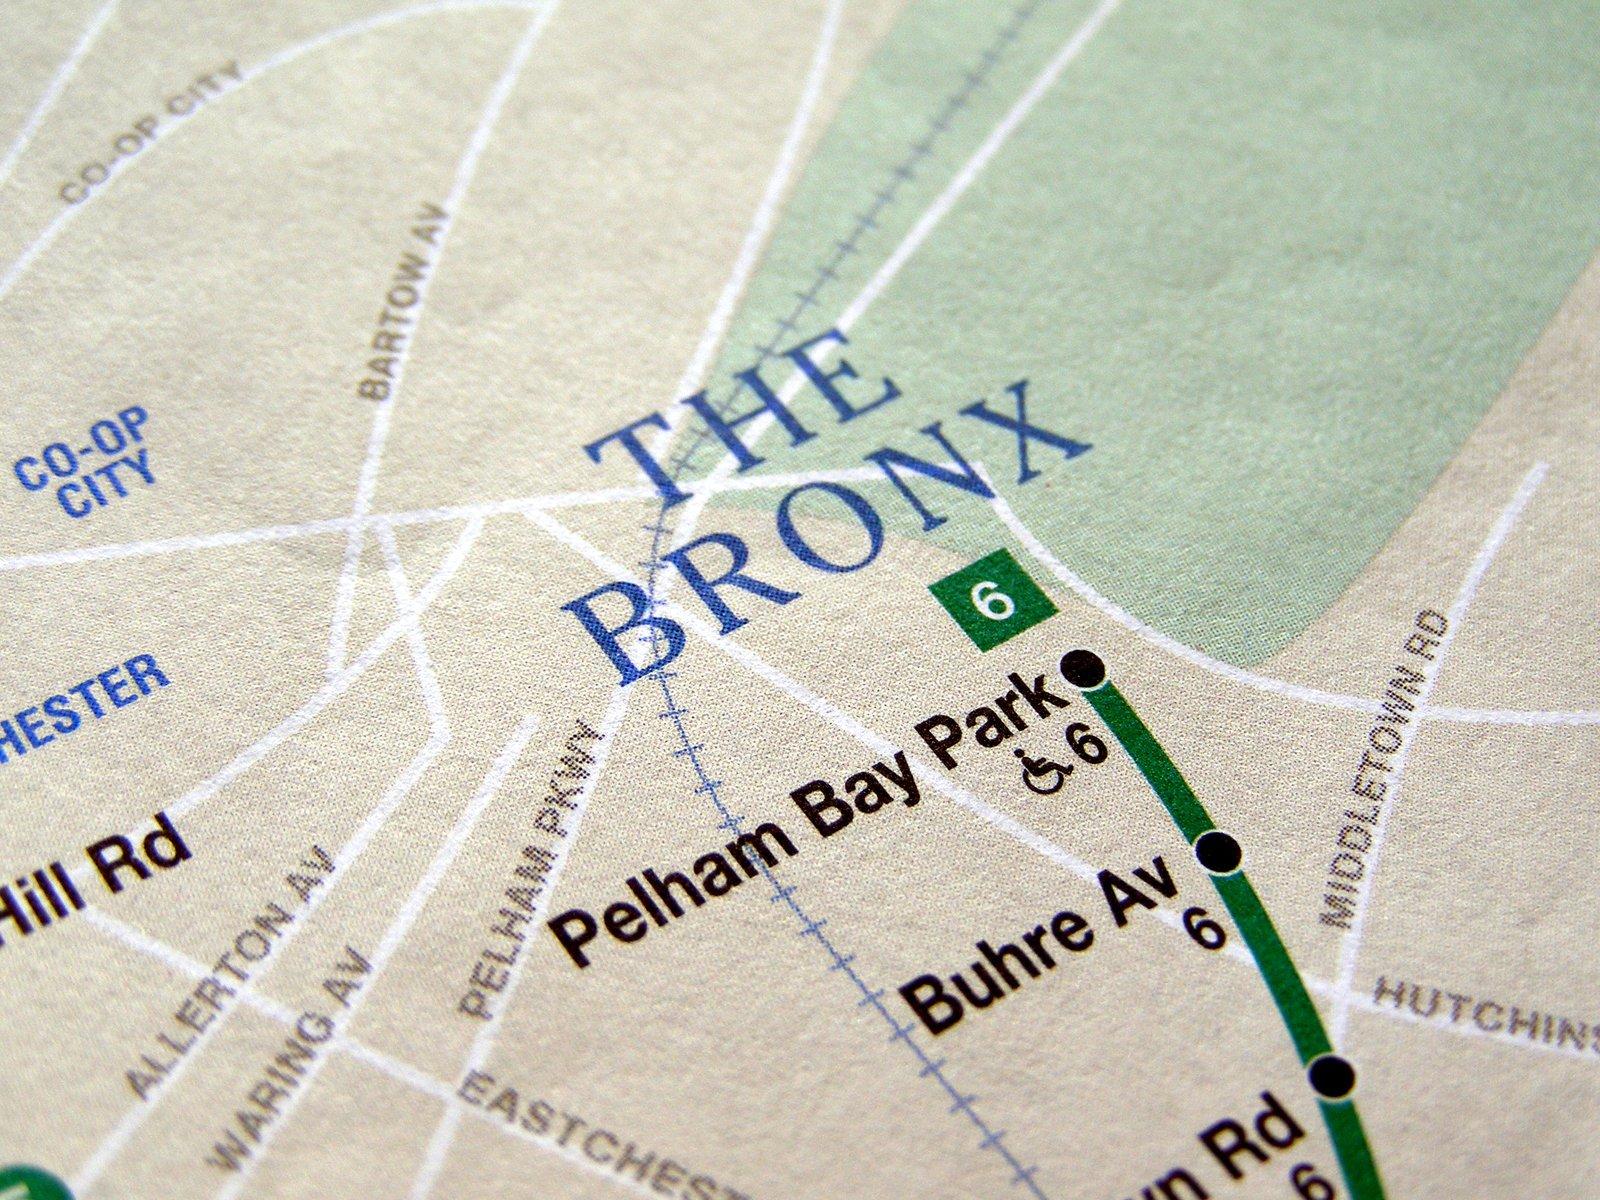 Castle Hill Bronx, NY Private Investigation